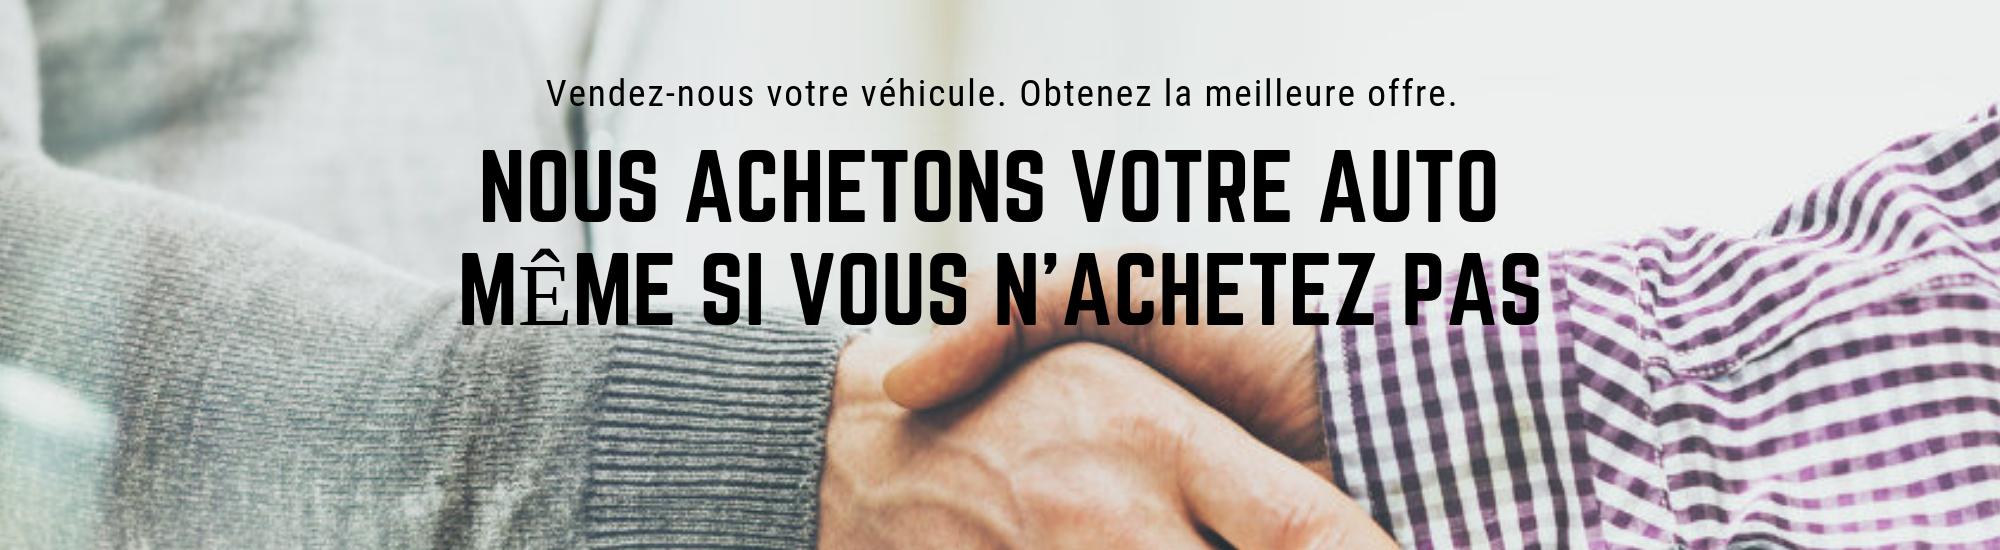 Vendez-nous votre véhicule